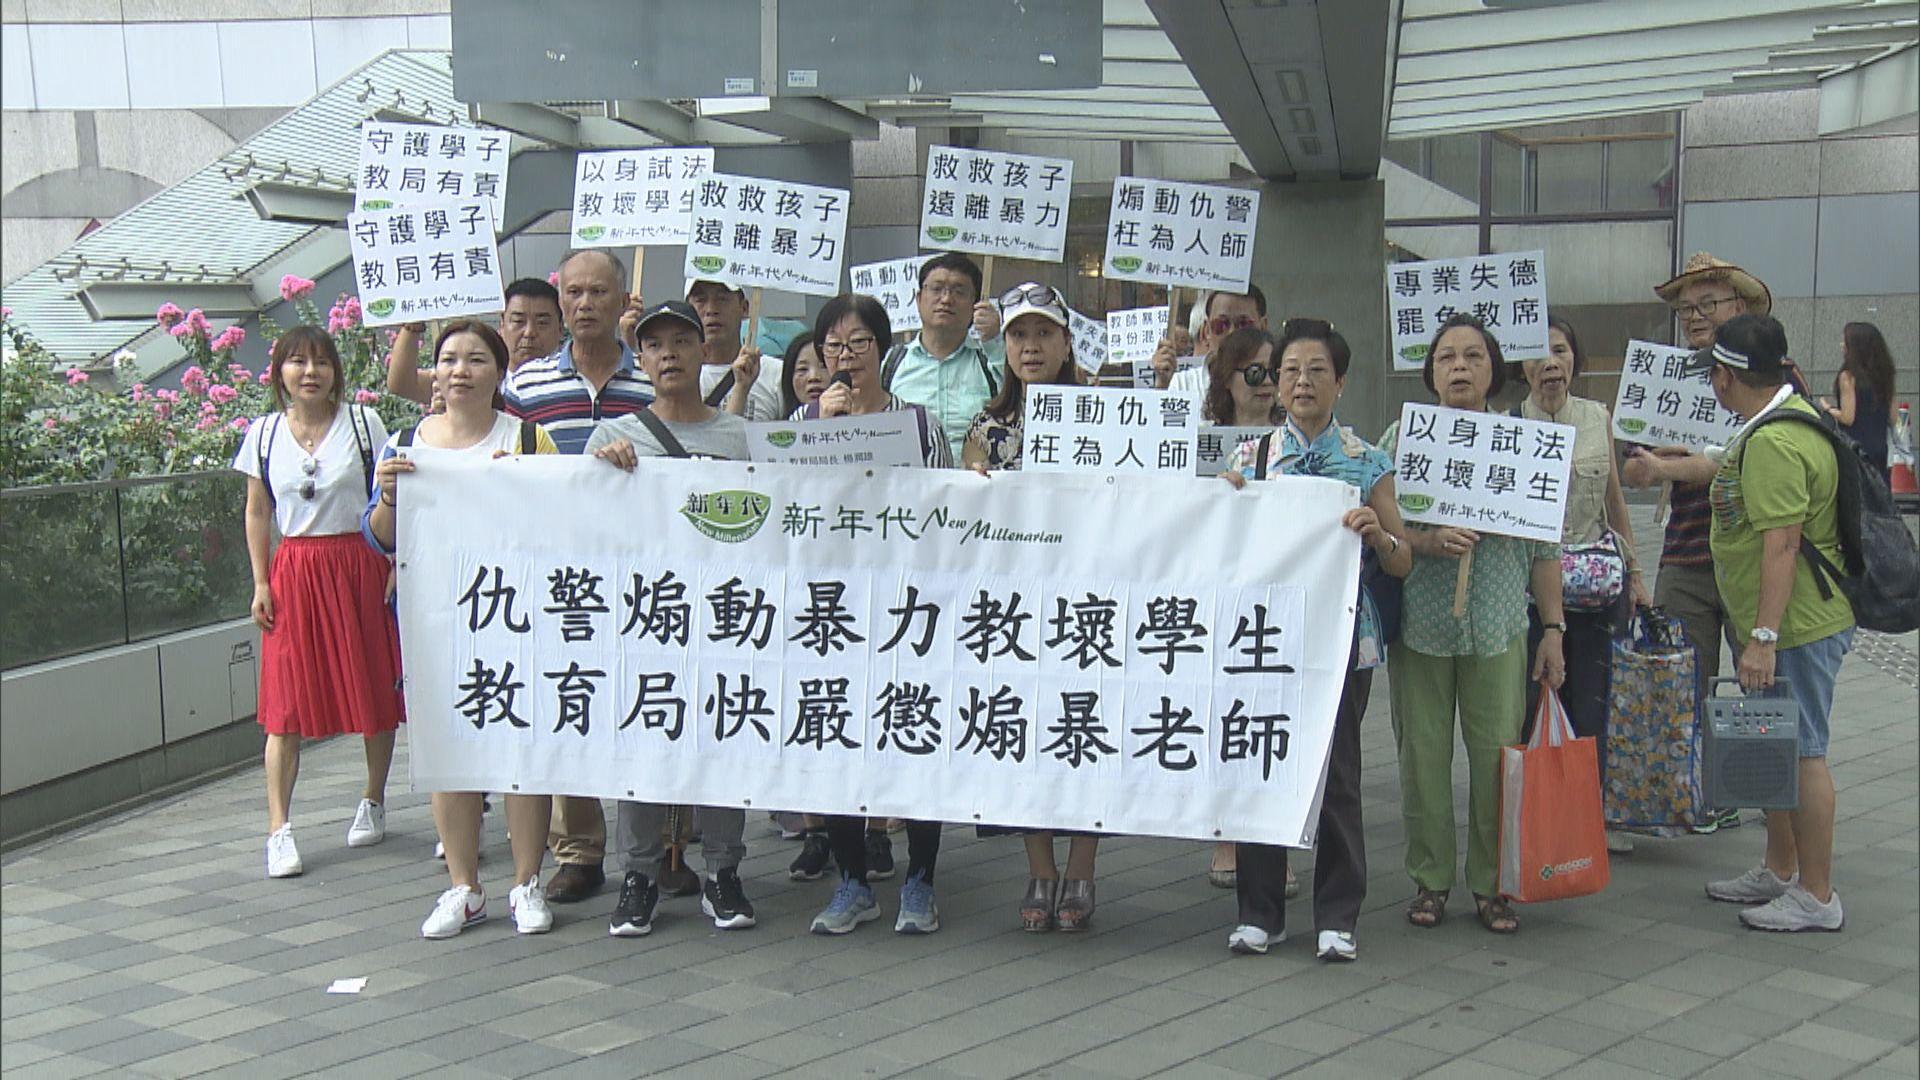 團體請願不滿教師政治立場憂影響學生